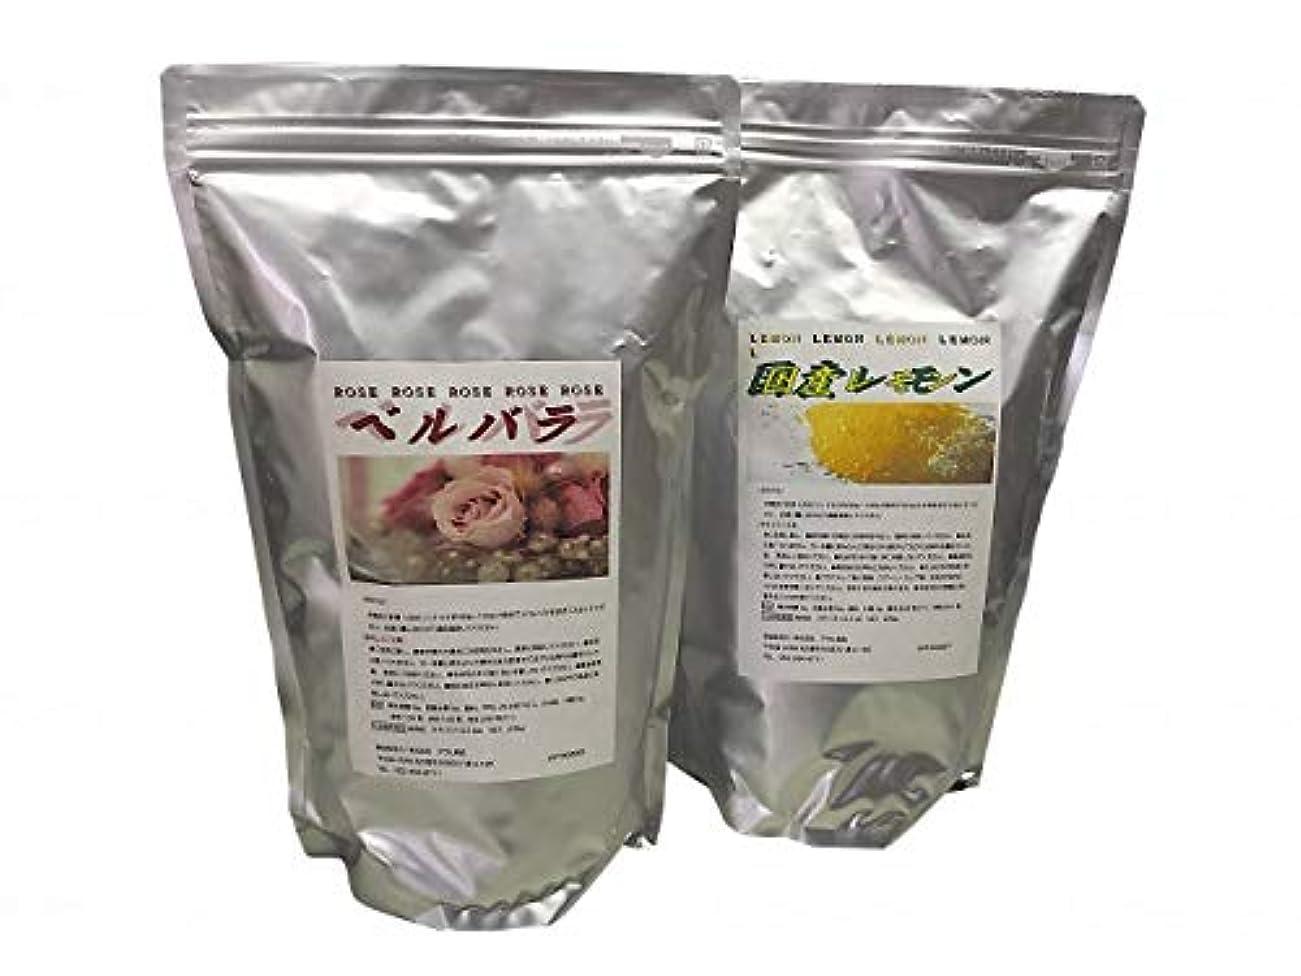 委員会対撤回するアサヒ商会 アサヒ入浴化粧品 ベルバラ 1袋